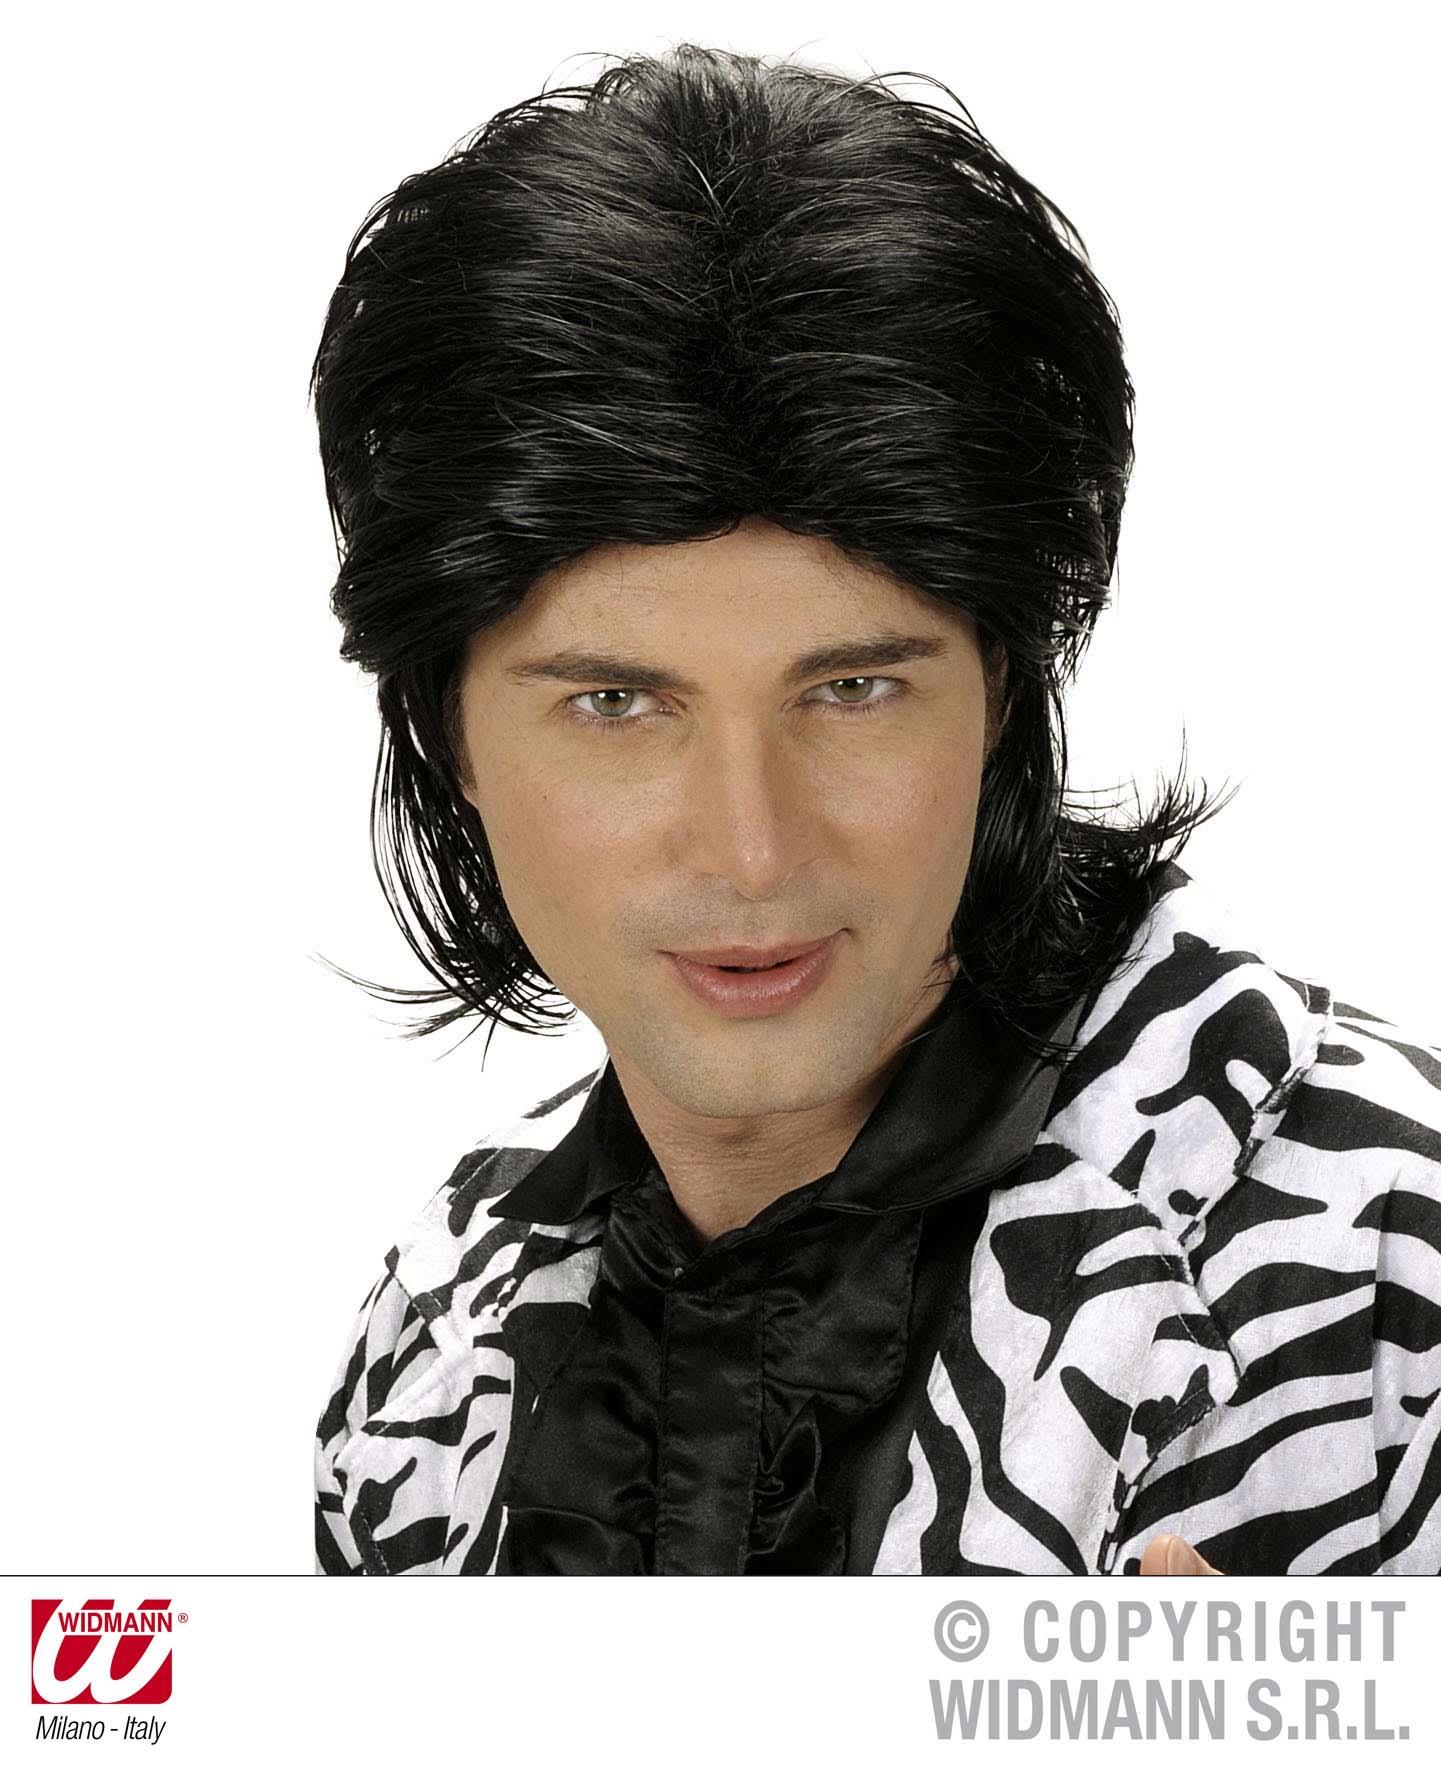 Black Wet Look Wig Male Fashion Model Glamour Fancy Dress